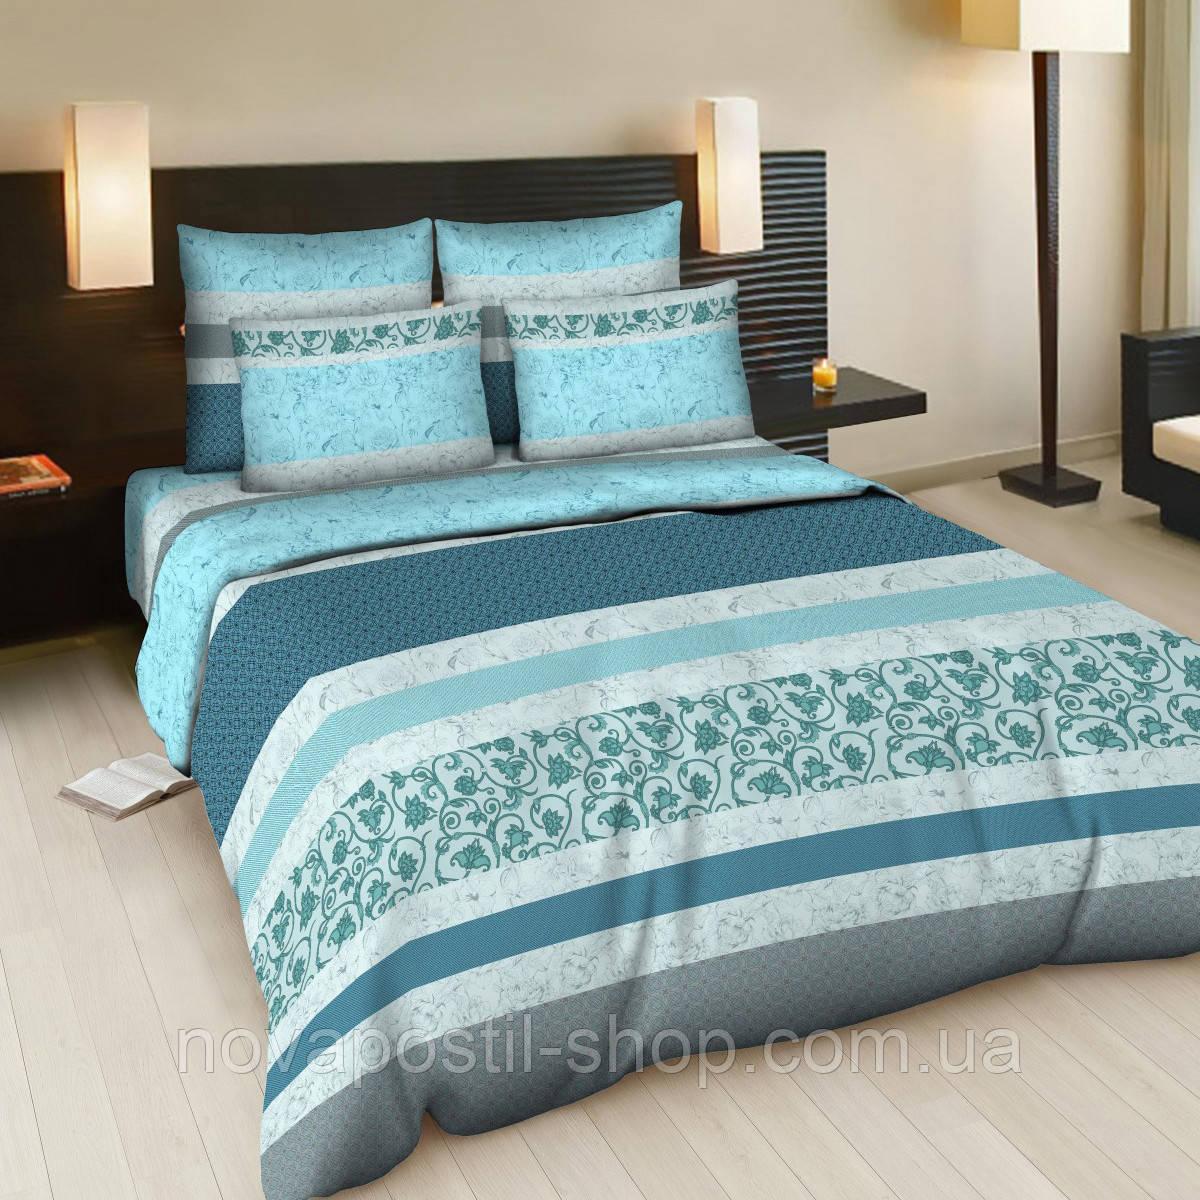 Комплект постельного белья Корнелия бирюза